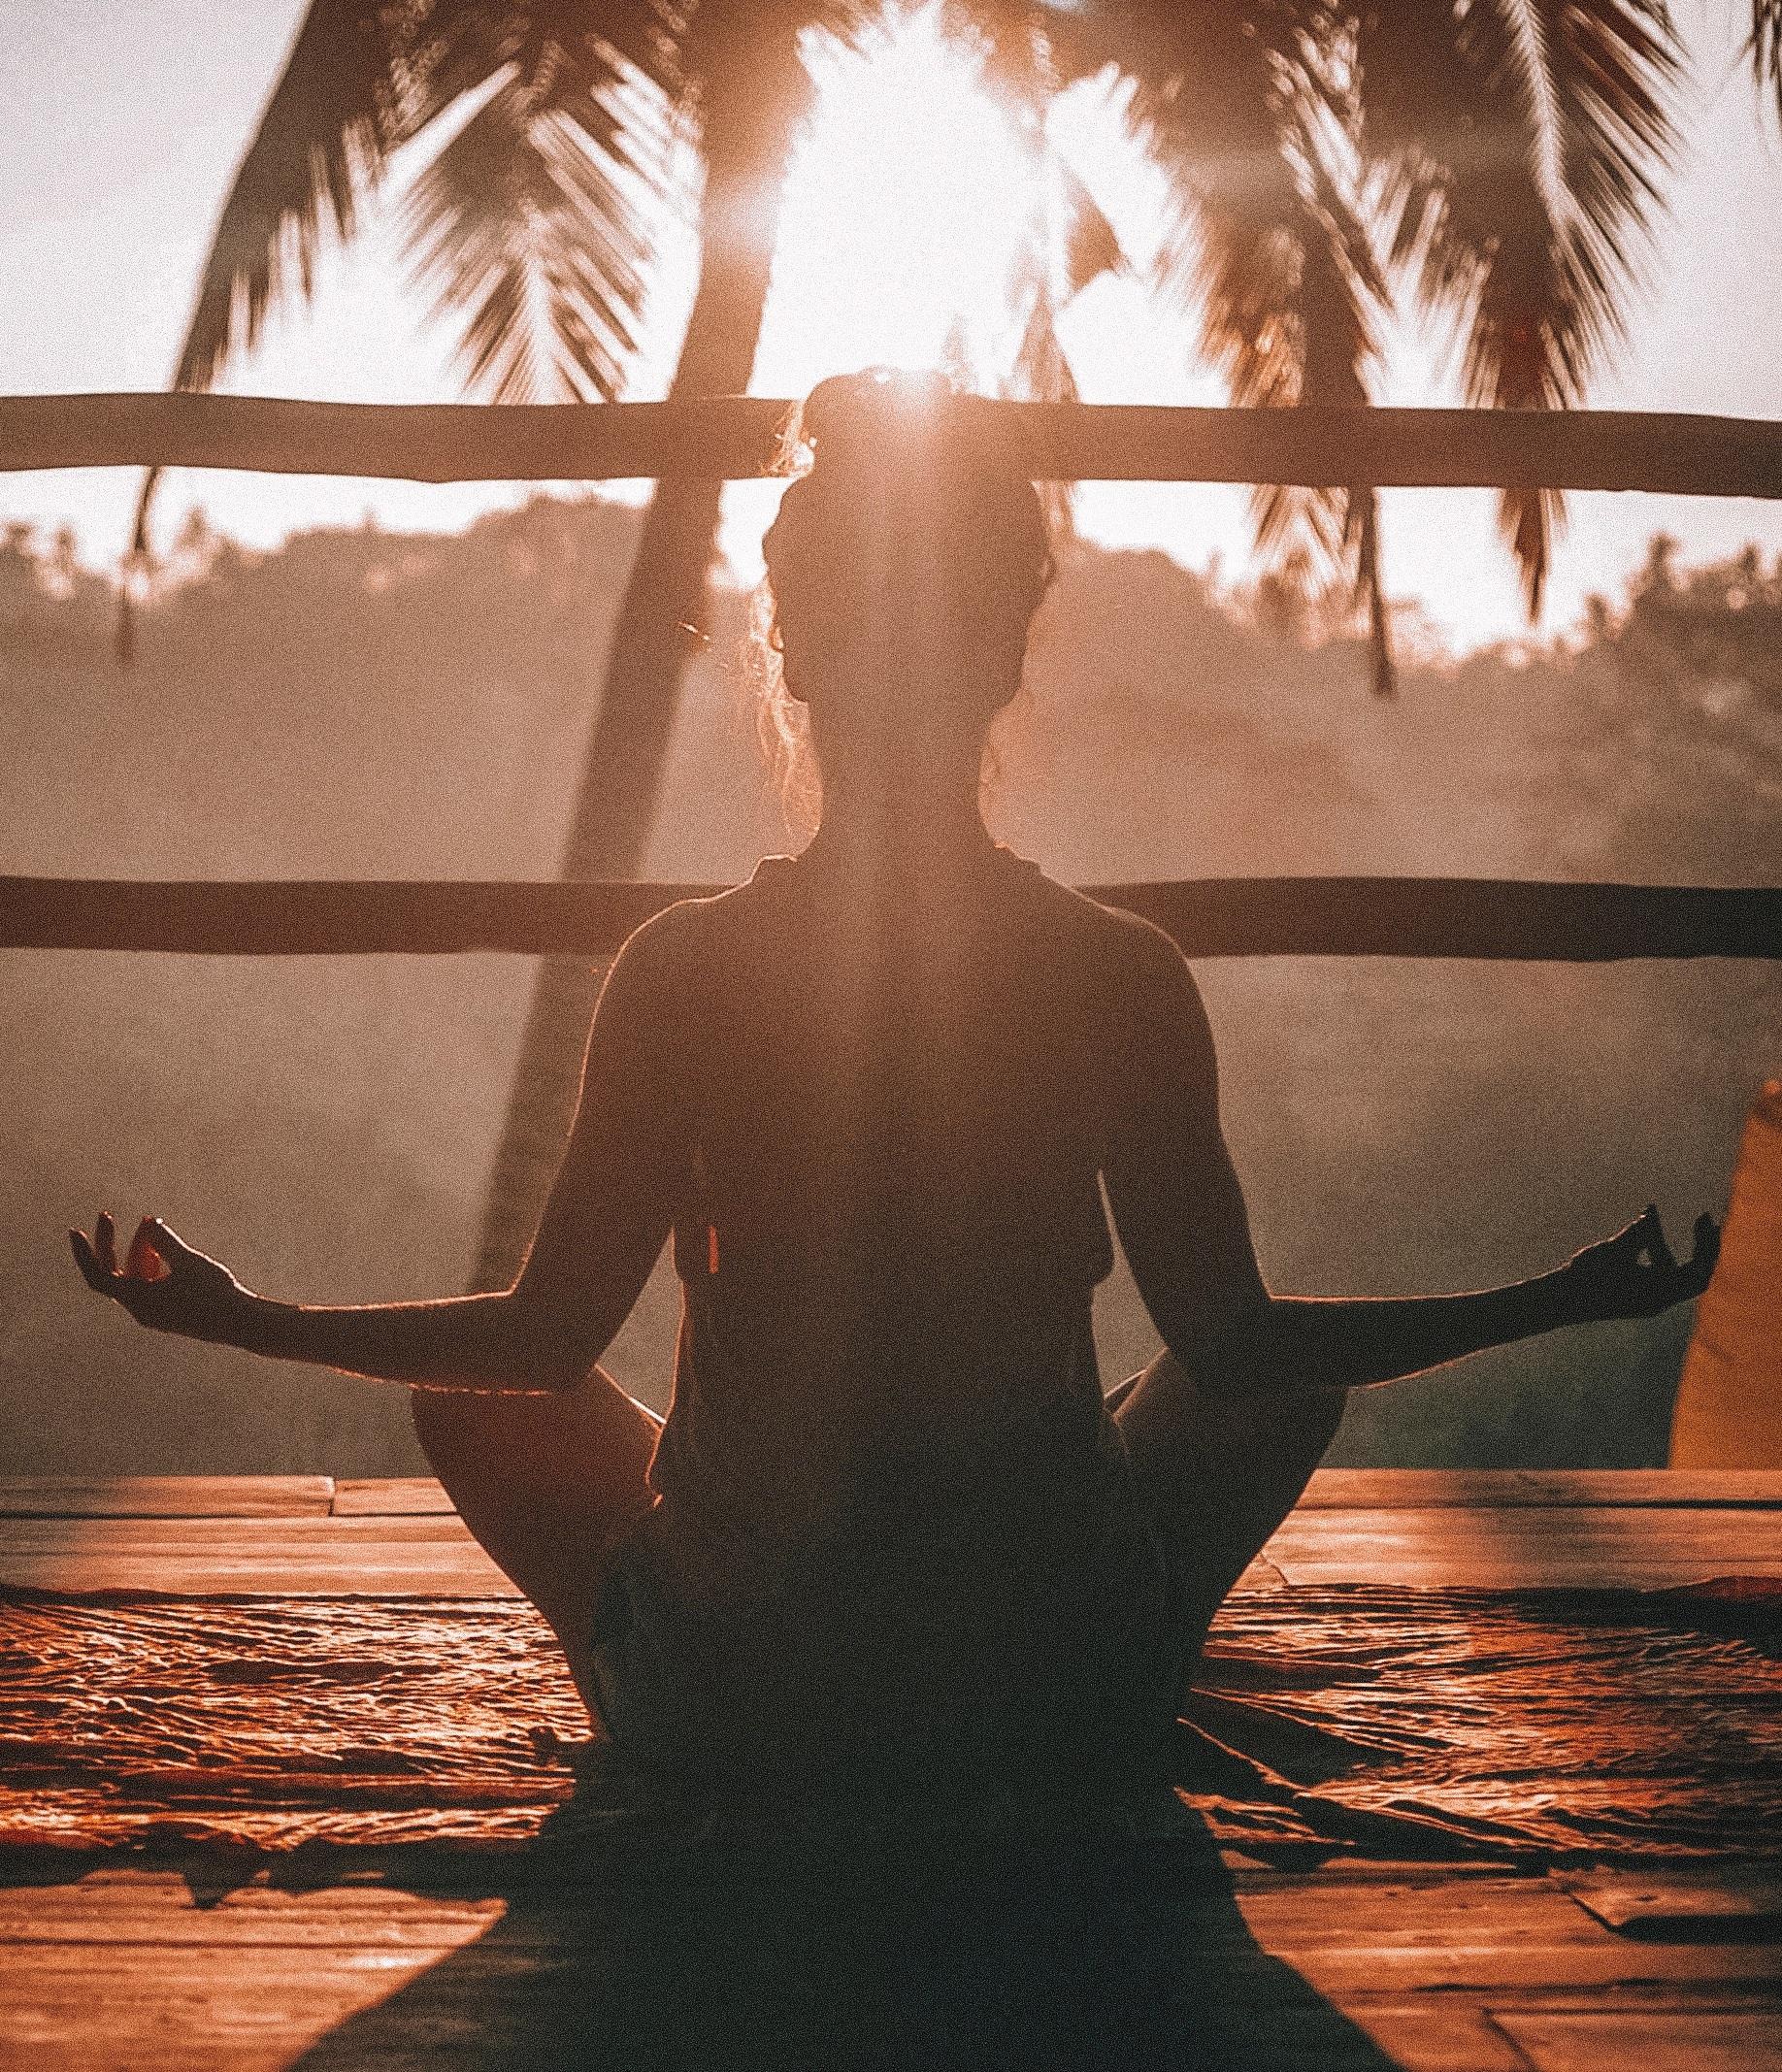 MEDITATION - Find your centre